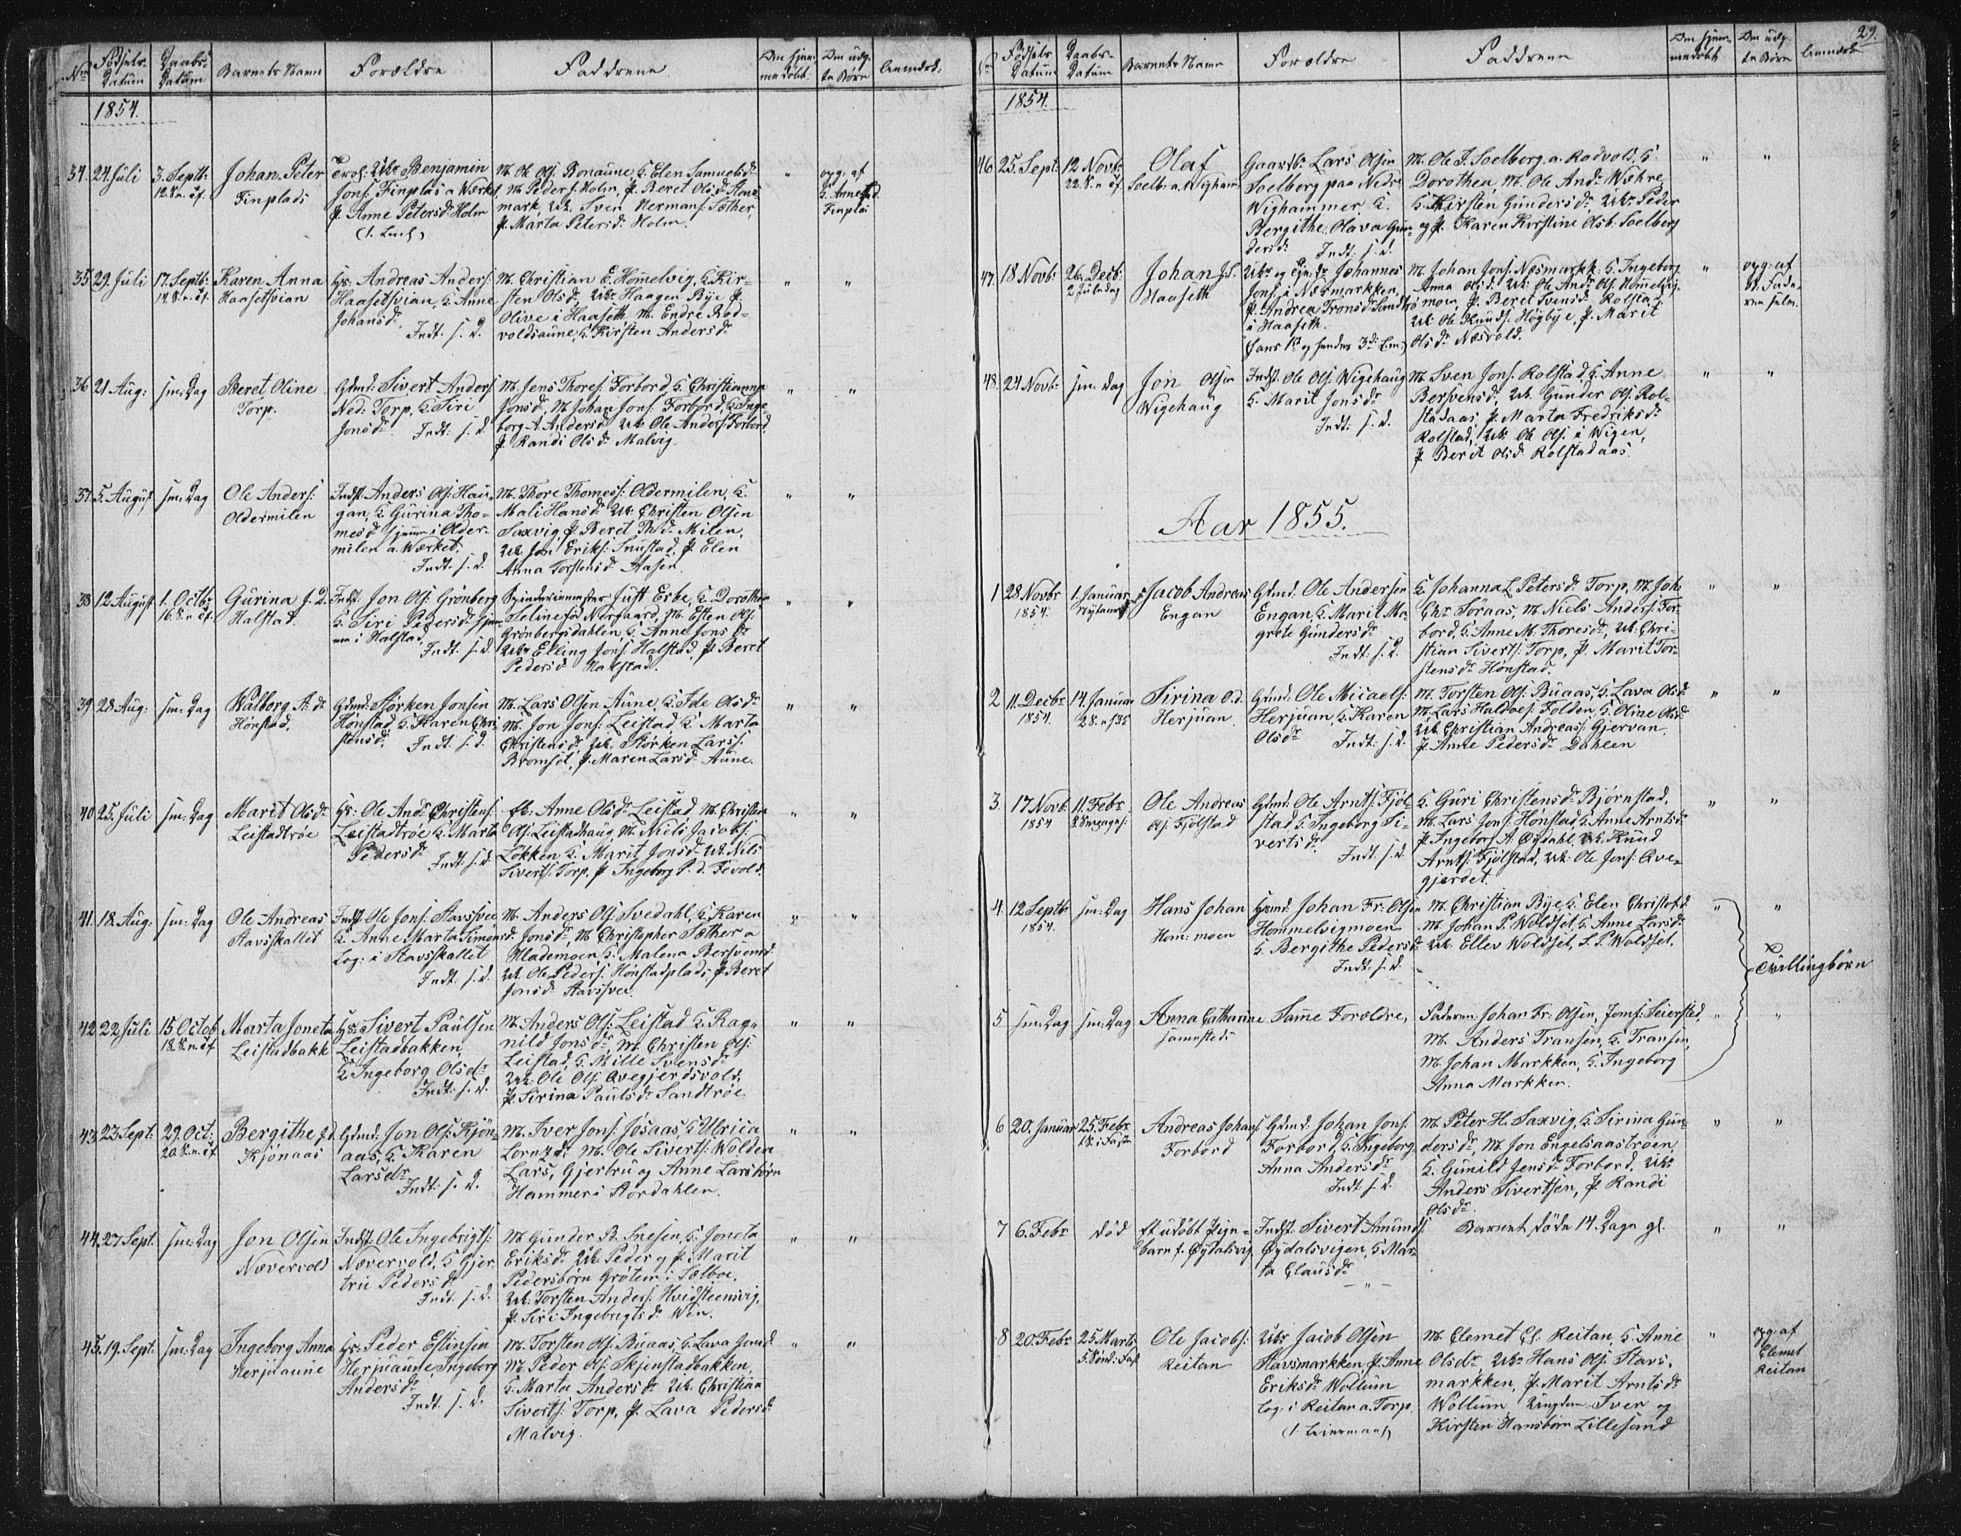 SAT, Ministerialprotokoller, klokkerbøker og fødselsregistre - Sør-Trøndelag, 616/L0406: Ministerialbok nr. 616A03, 1843-1879, s. 29